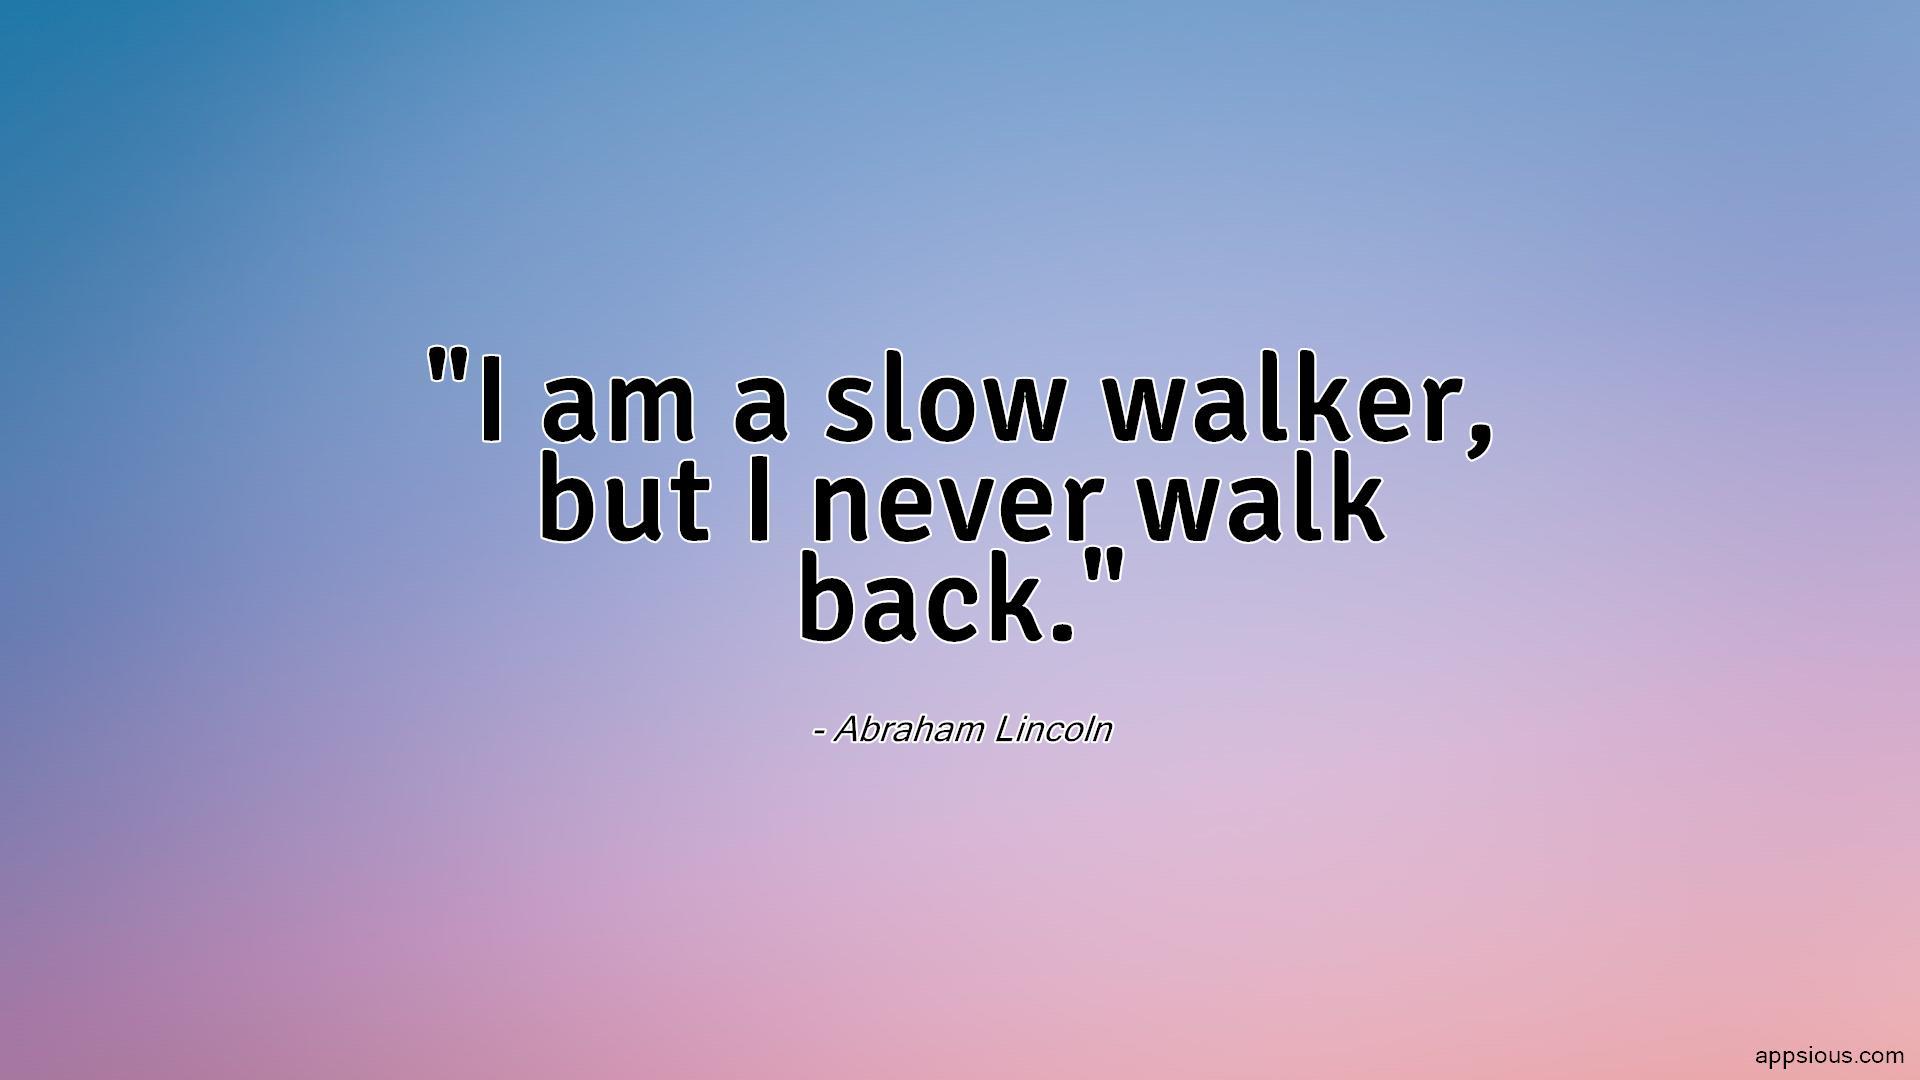 I am a slow walker, but I never walk back.